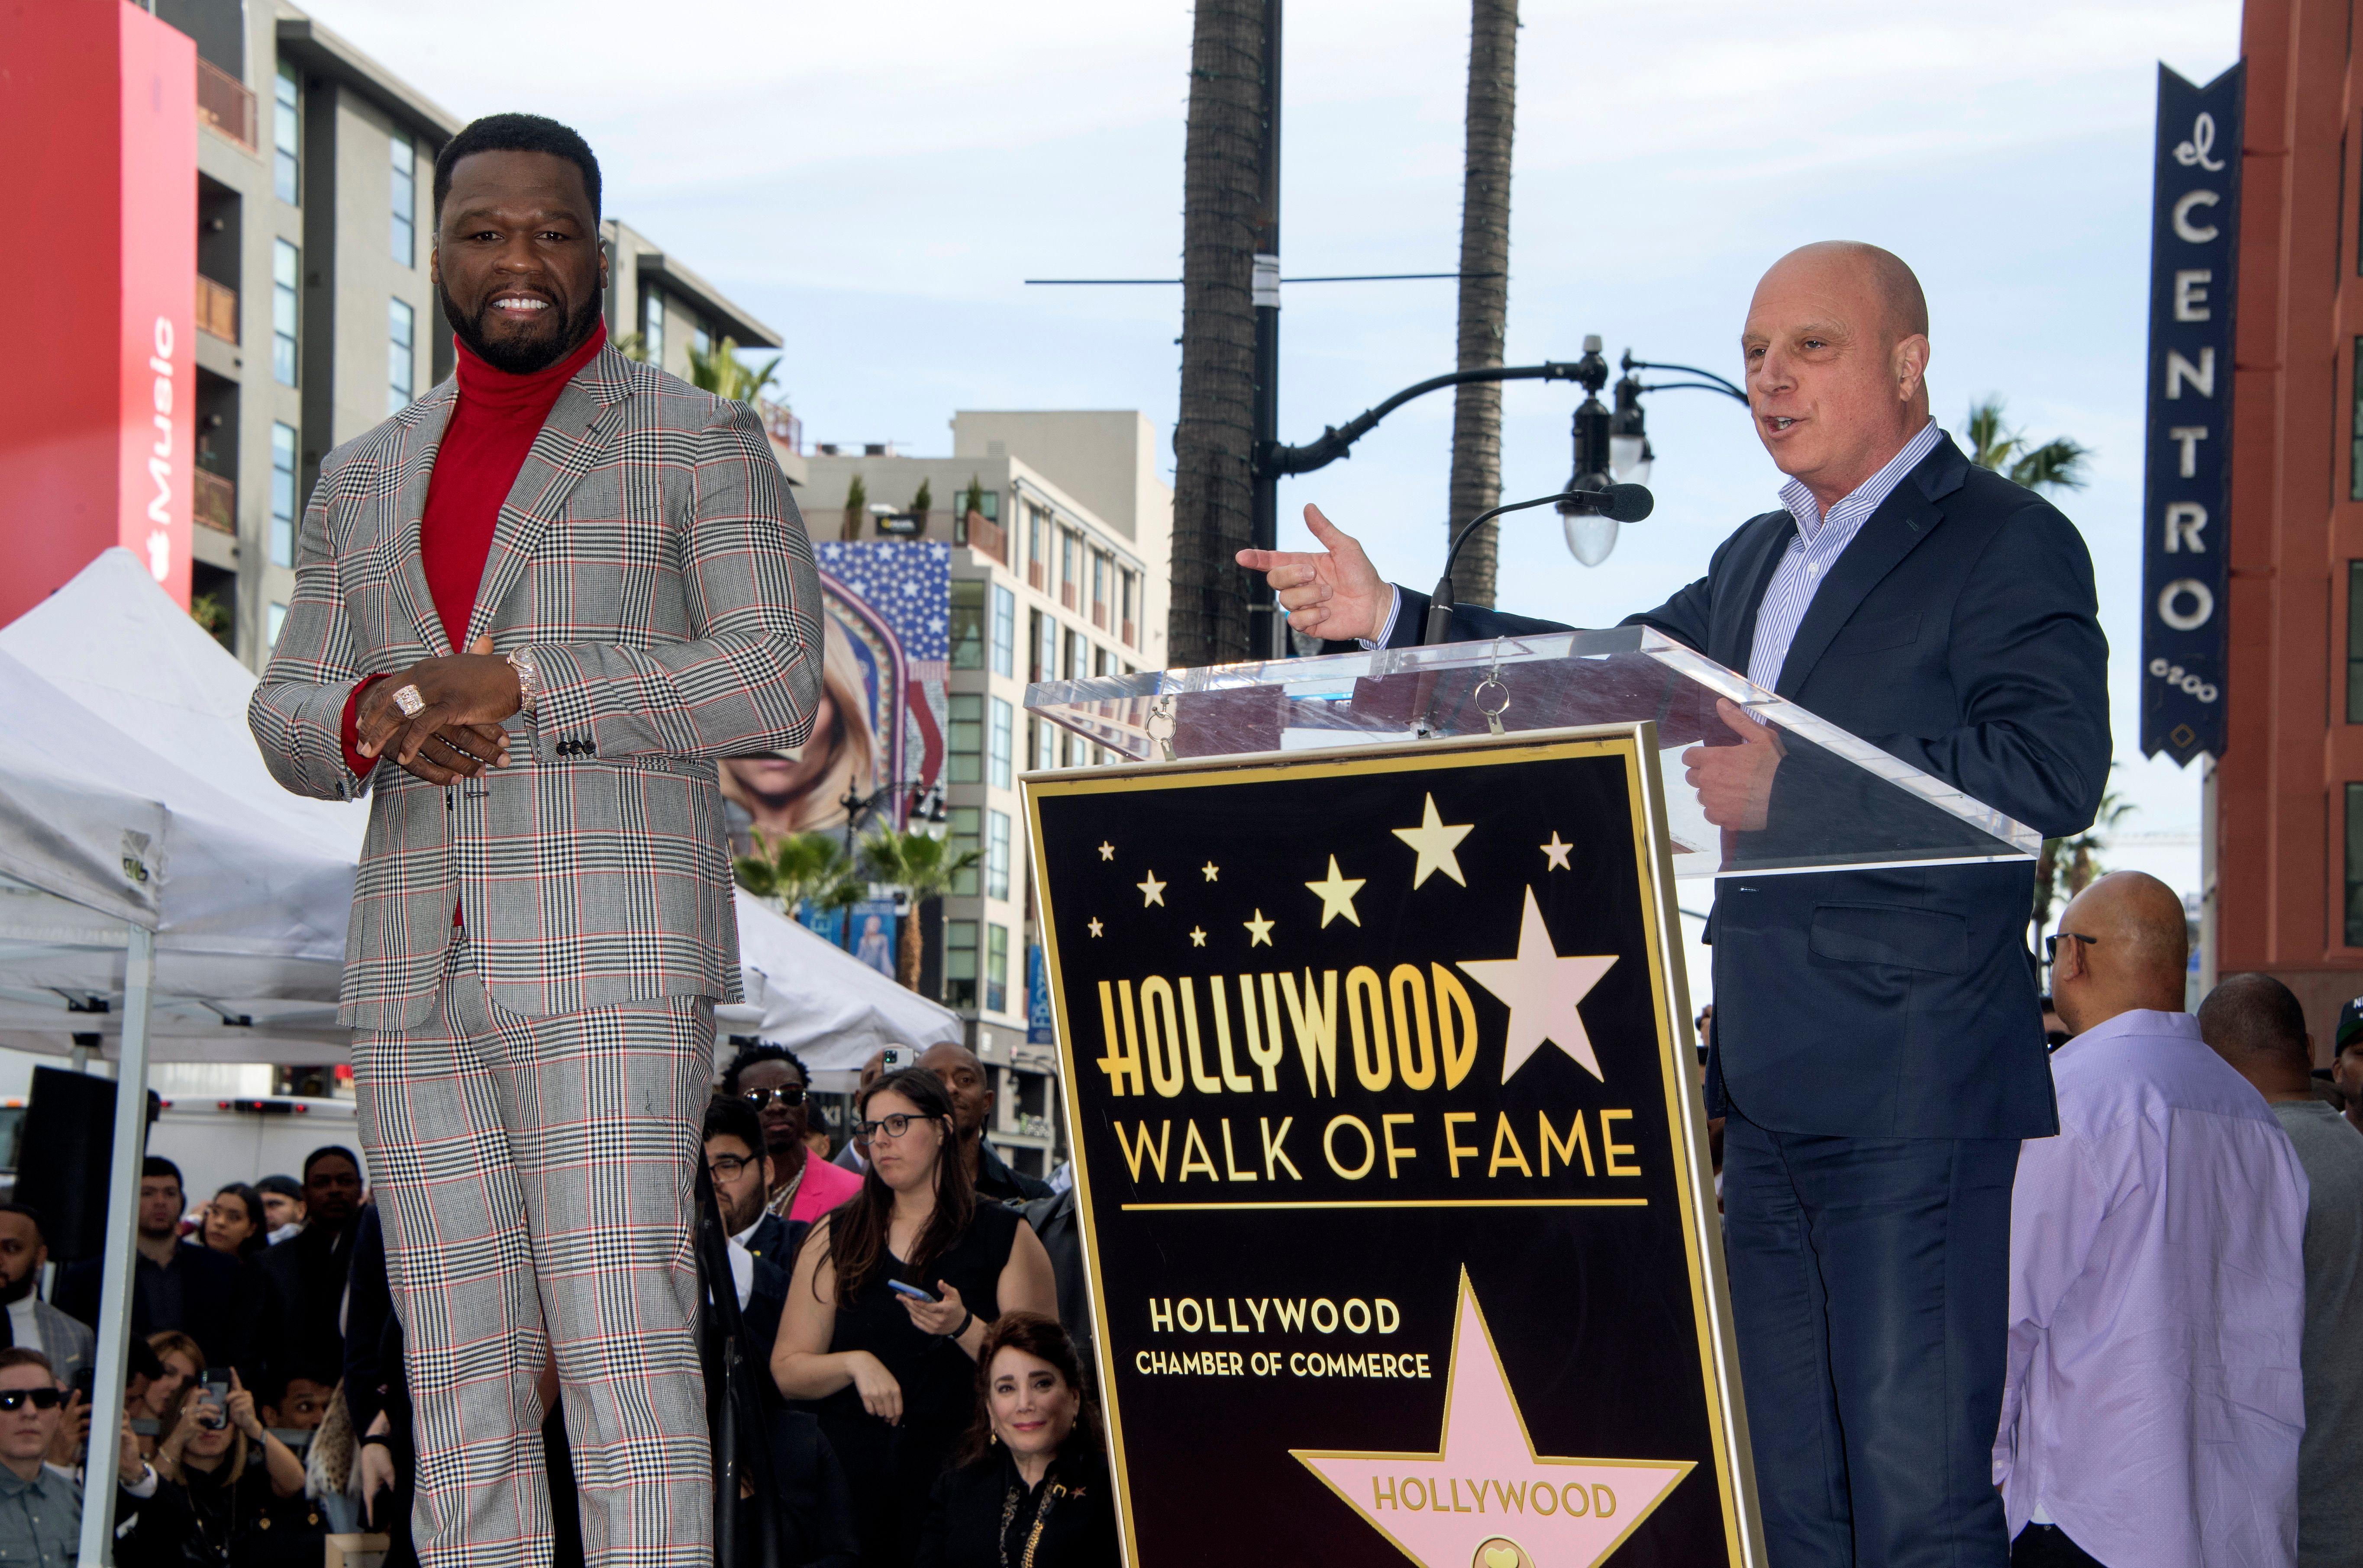 怕拜登加稅 美非裔說唱歌手50 Cent改投特朗普